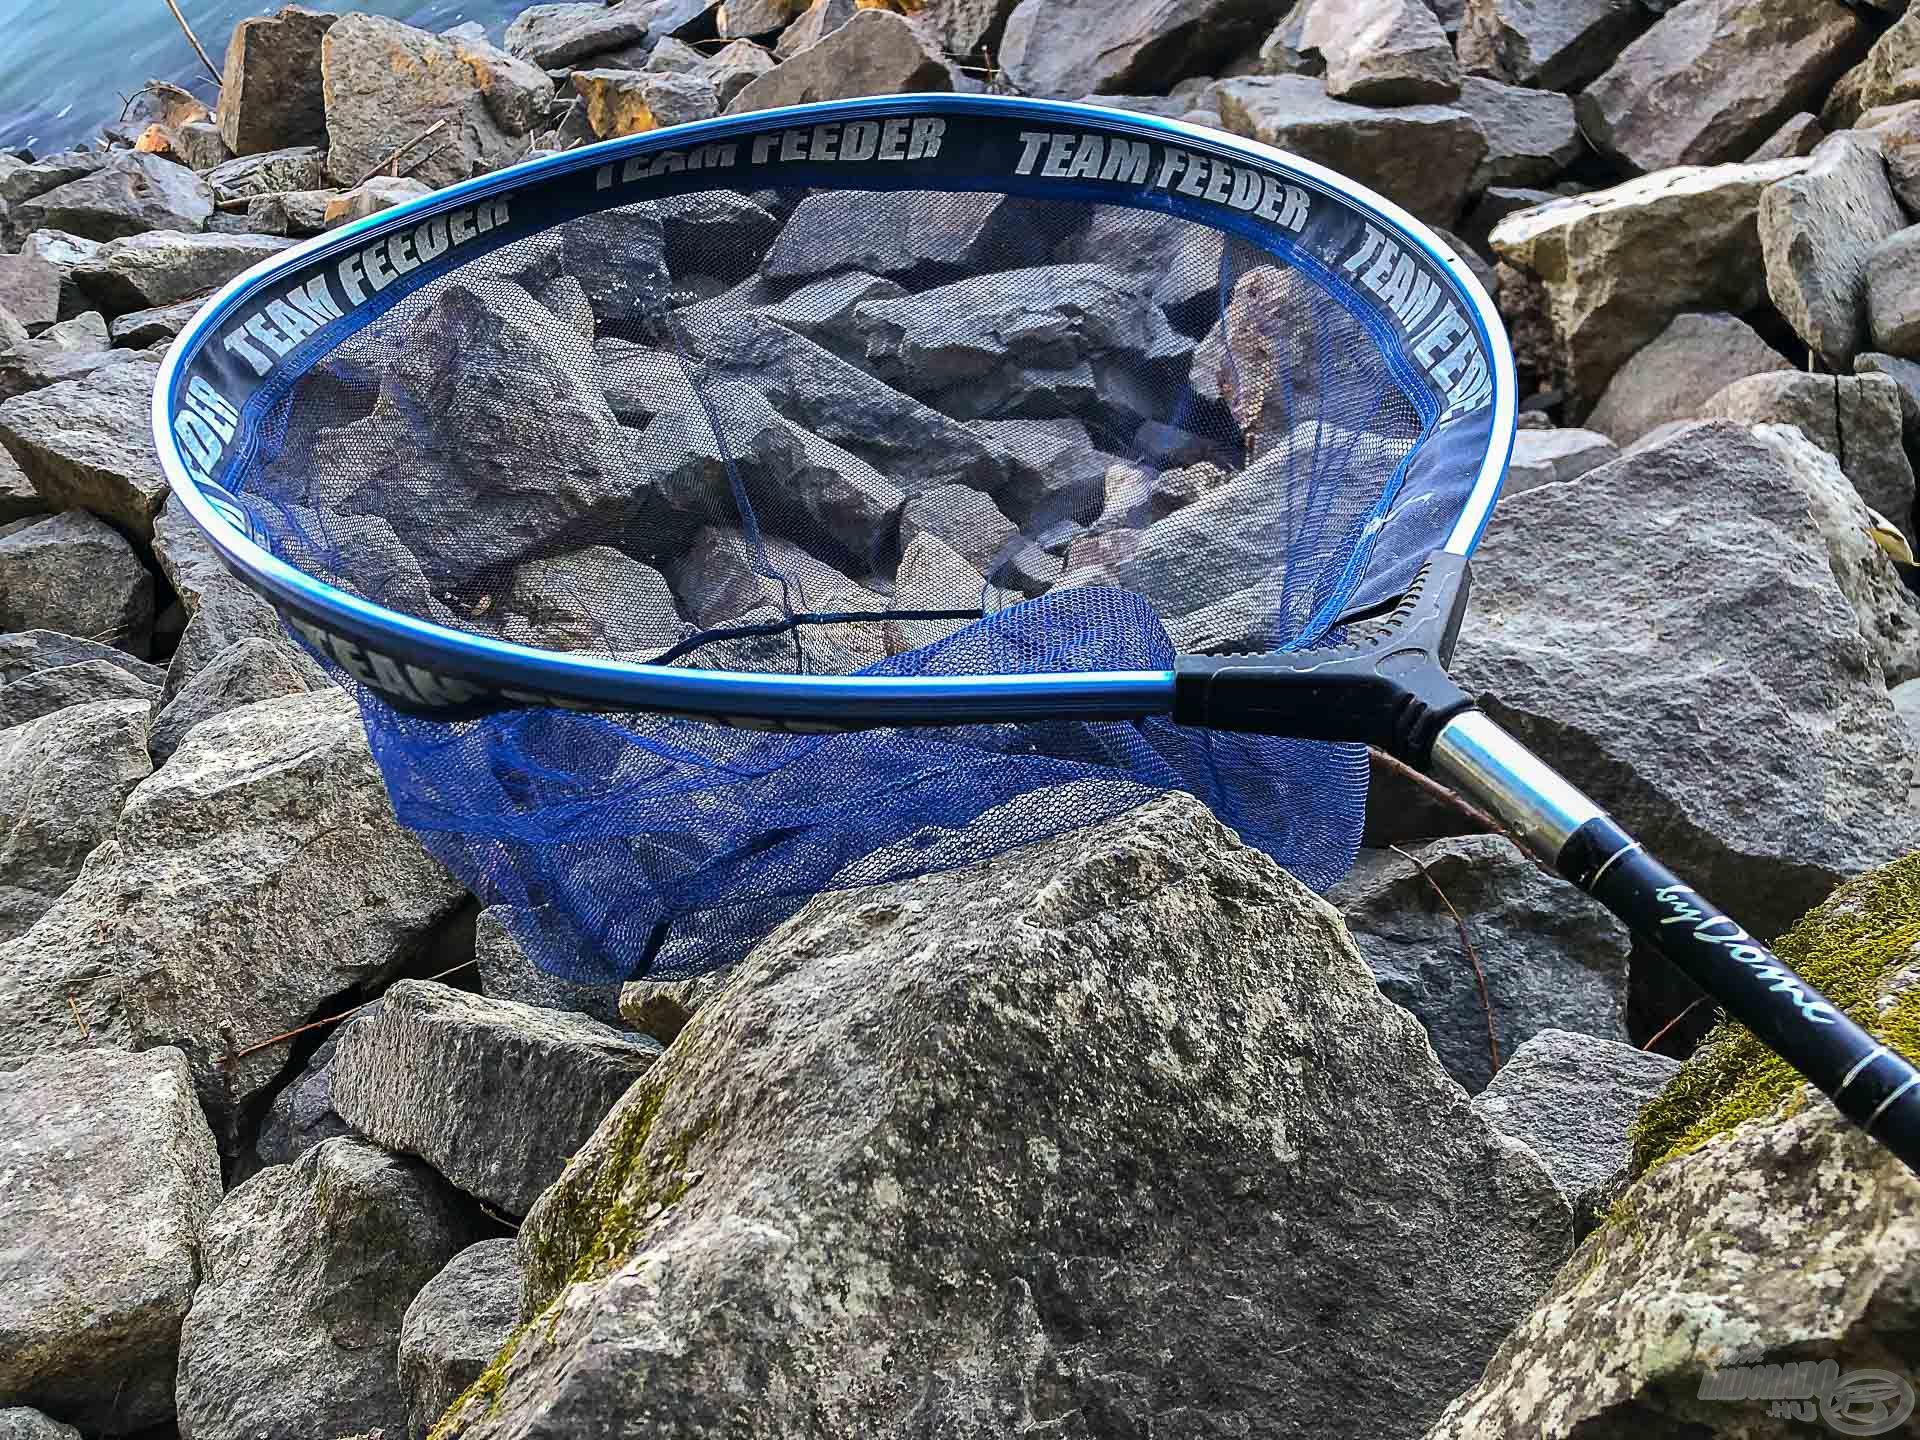 Strapabíró, halkímélő merítőhálóról és egy baromi erős nyélről sem szabad megfeledkezni, ha ilyen halakra horgászunk!